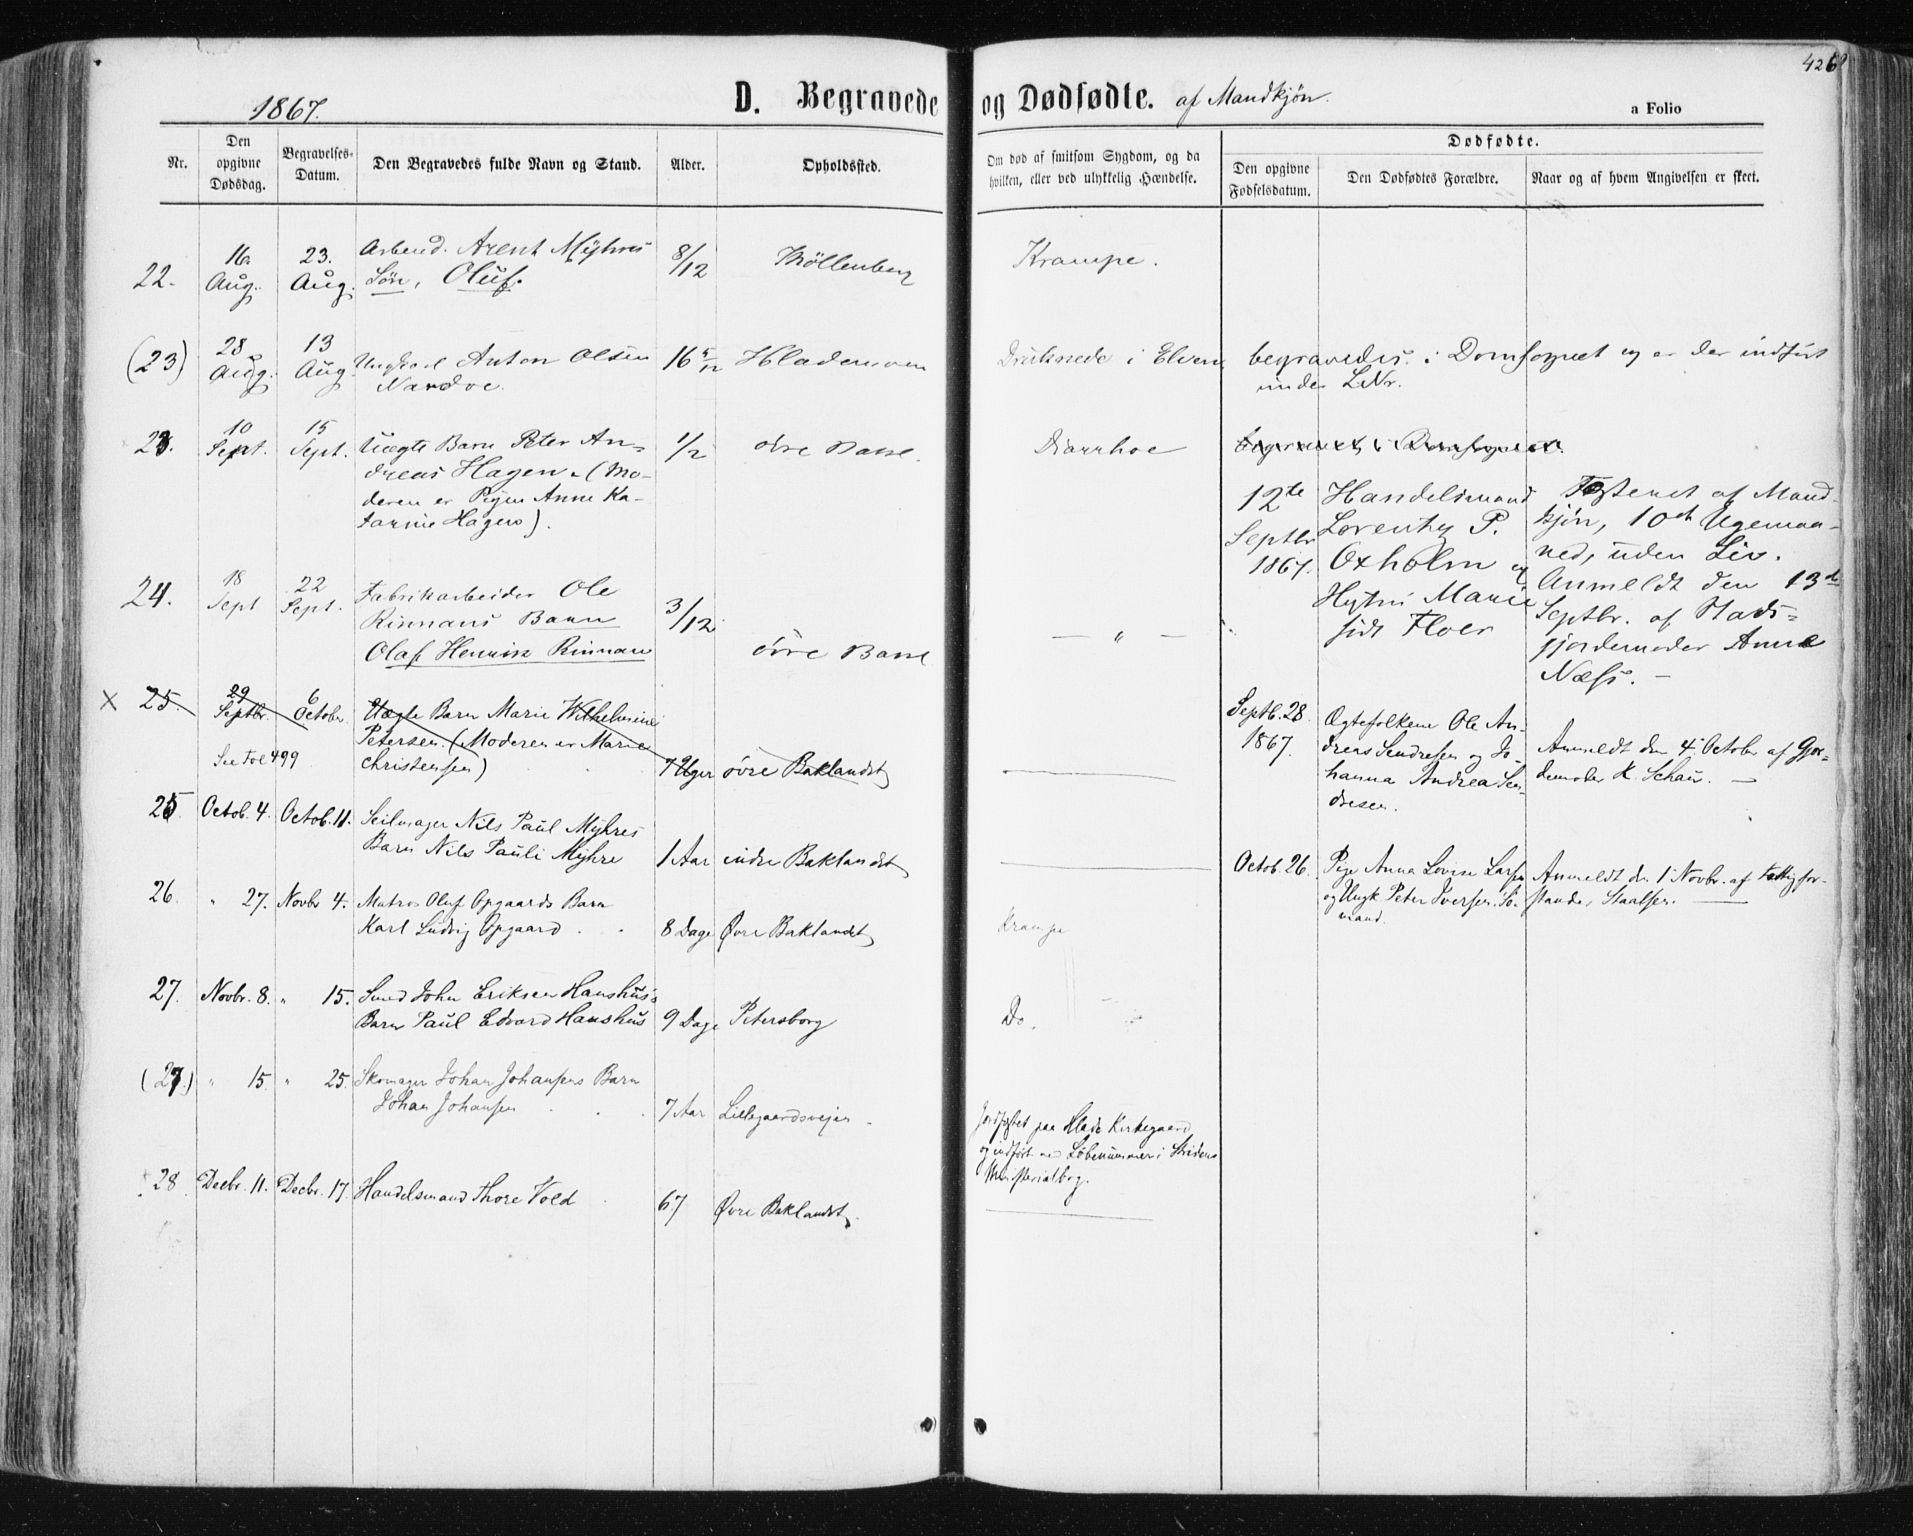 SAT, Ministerialprotokoller, klokkerbøker og fødselsregistre - Sør-Trøndelag, 604/L0186: Ministerialbok nr. 604A07, 1866-1877, s. 426